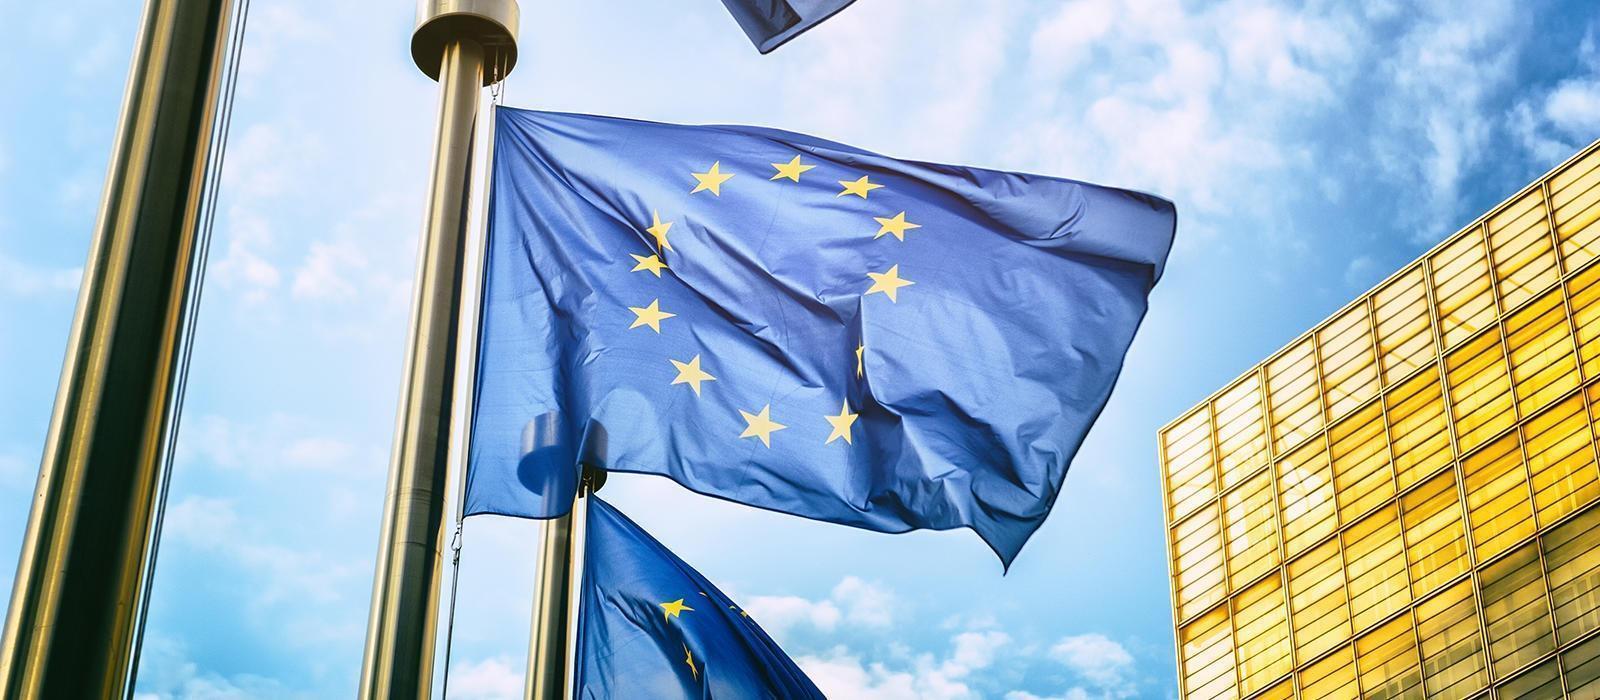 Σημαία ευρωπαϊκής ένωσης